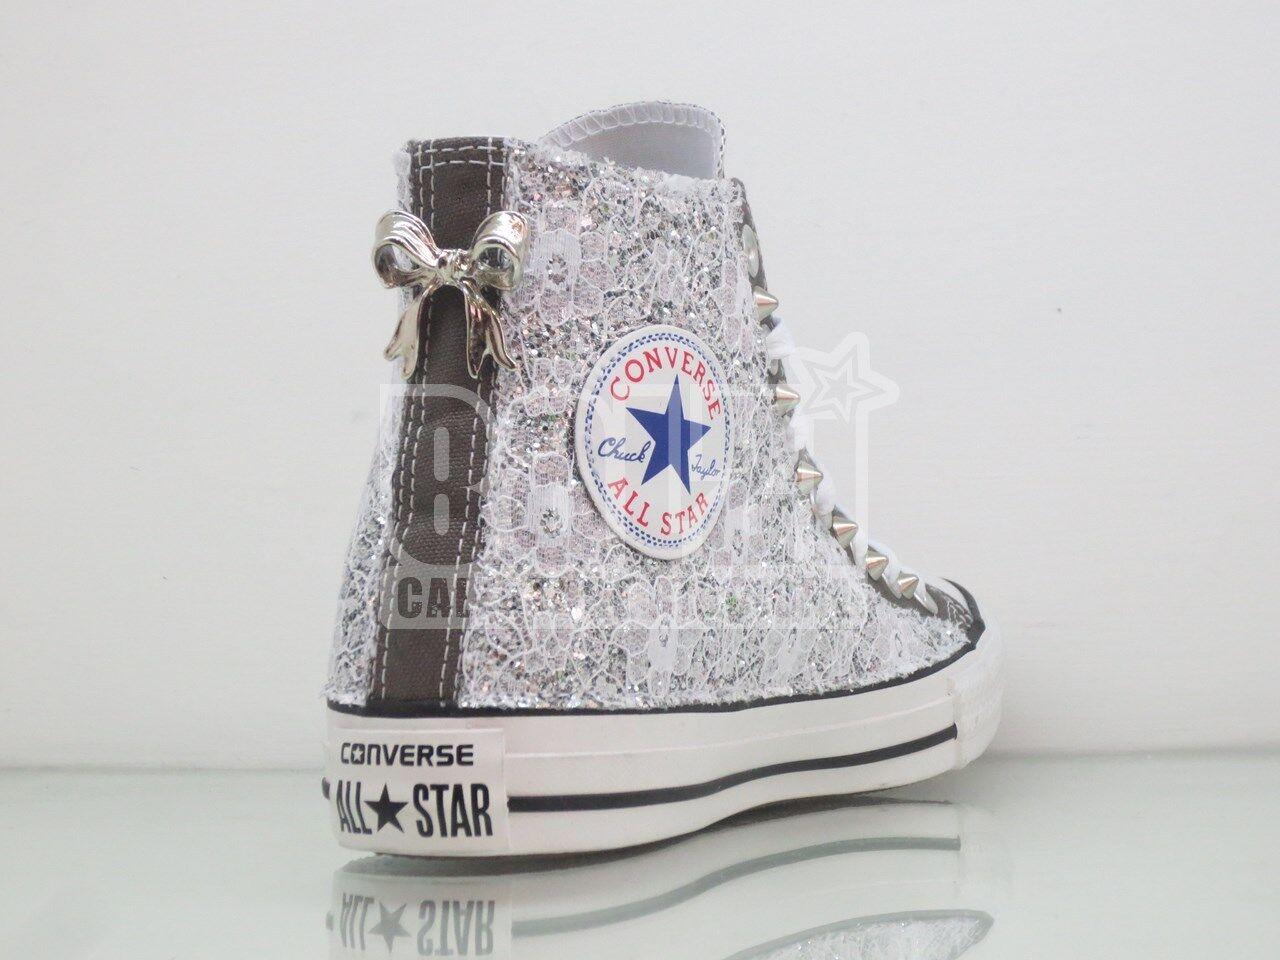 Moda barata y hermosa Converse all star grigio charcoal pizzo glitter  borchie fiocco artigianali